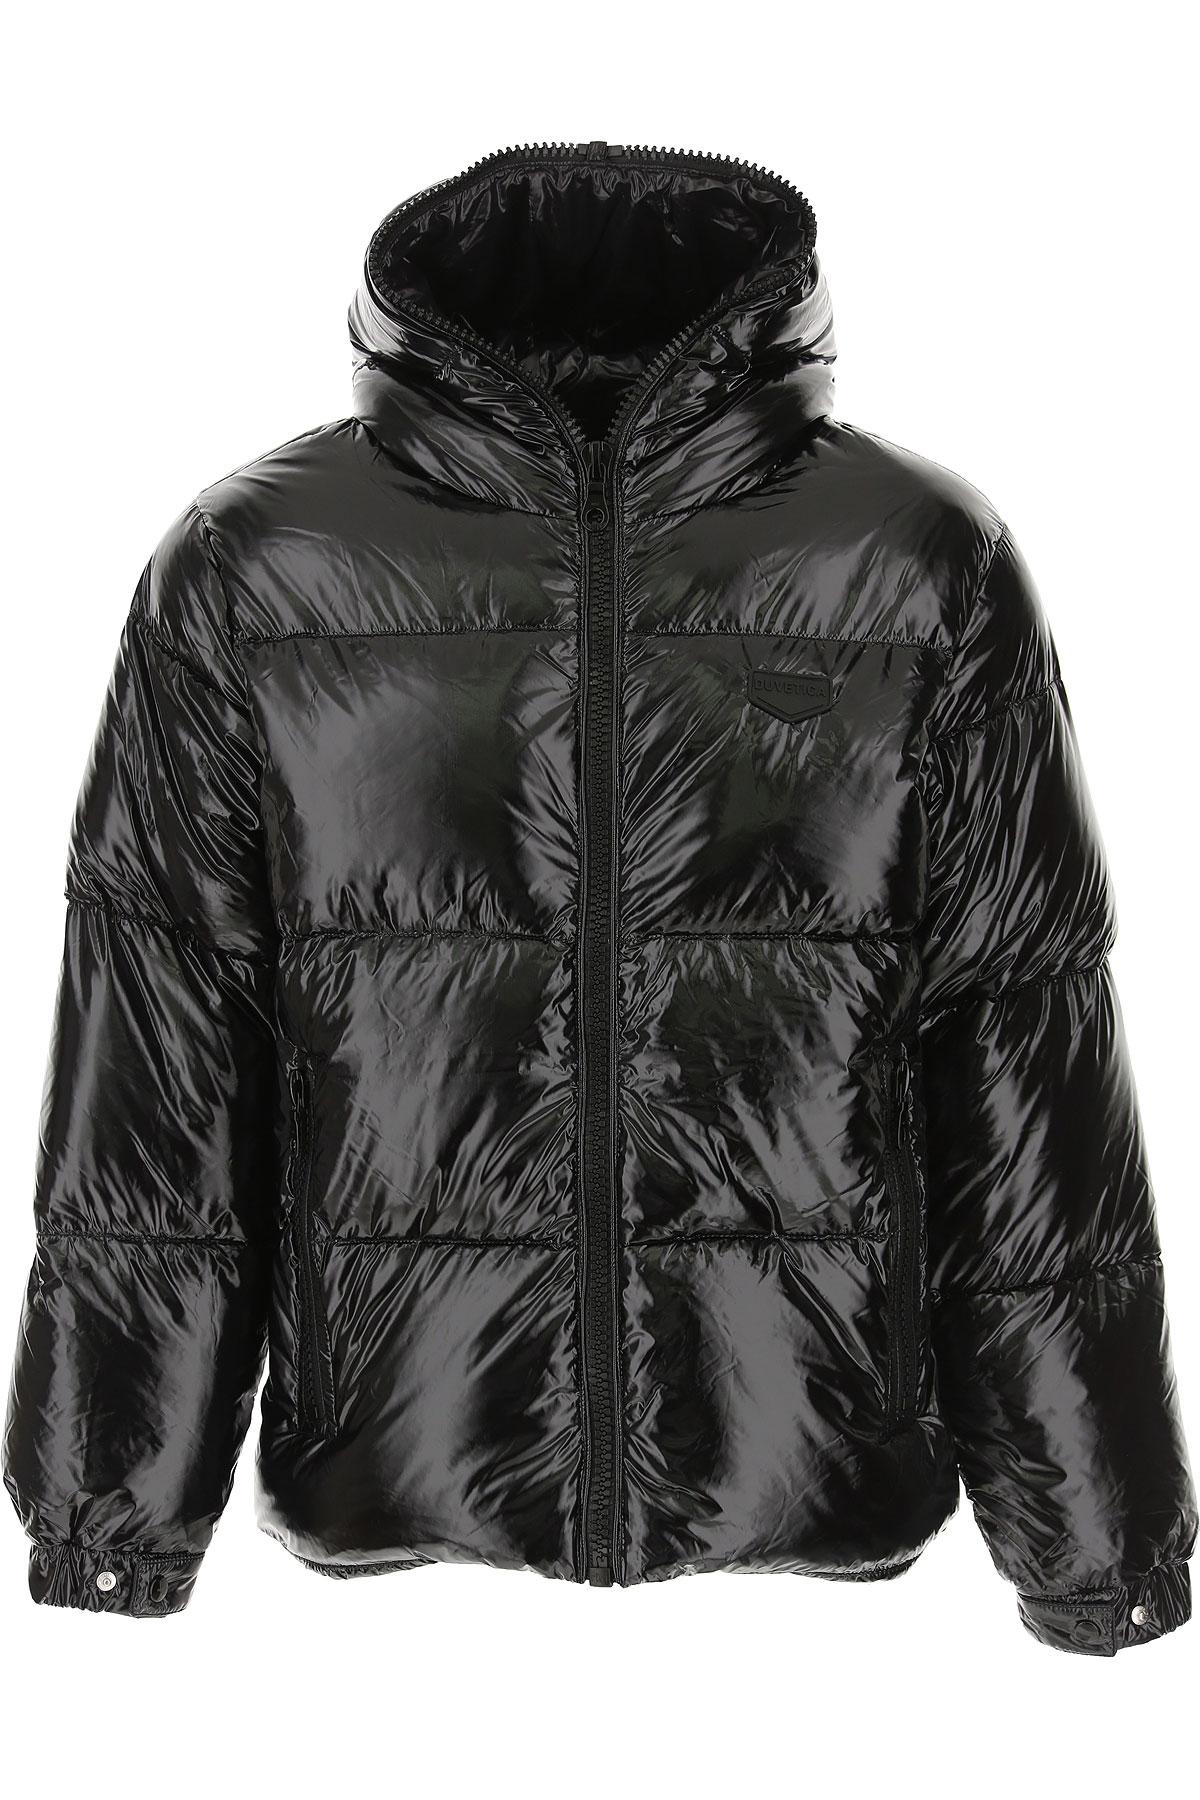 Duvetica Down Jacket for Men, Puffer Ski Jacket On Sale, Black, polyamide, 2019, L M S